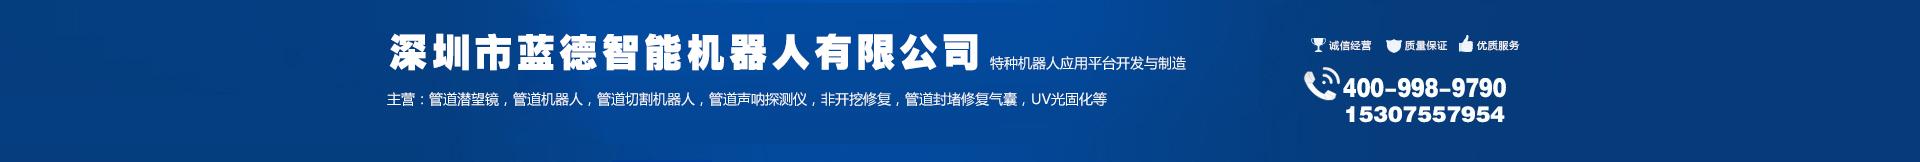 深圳市蓝德智能机器人有限公司